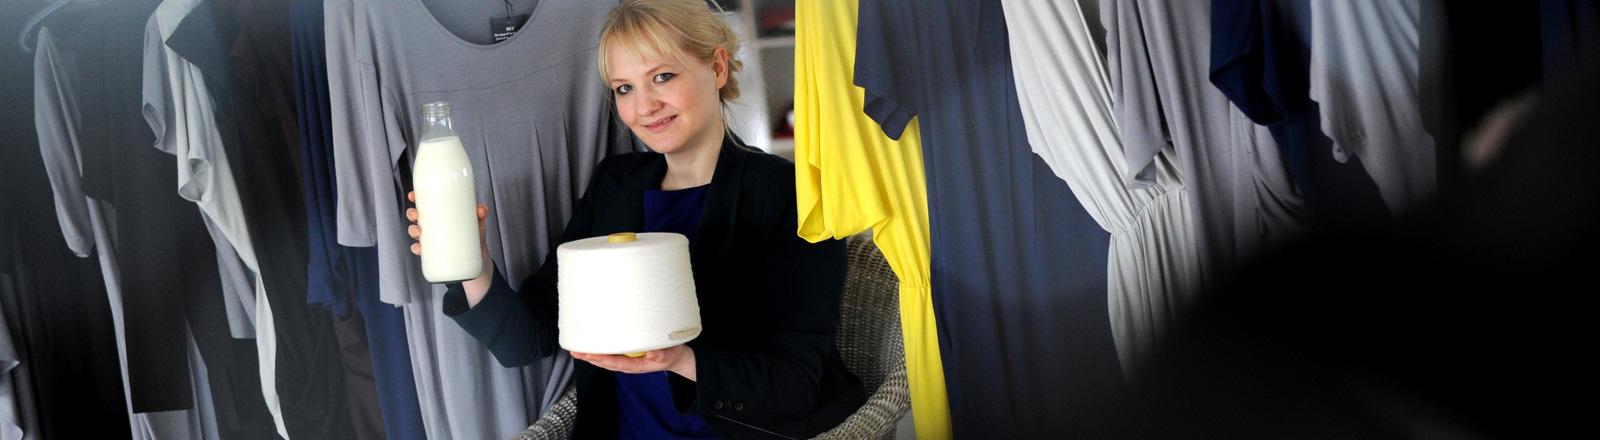 Die Modedesignerin und Biochemikerin Anke Domaske posiert am 19.09.2011 in Hannover mit einer Milchflasche, aus Milchfasern versponnenes Garn und daraus hergestellten Kleid.